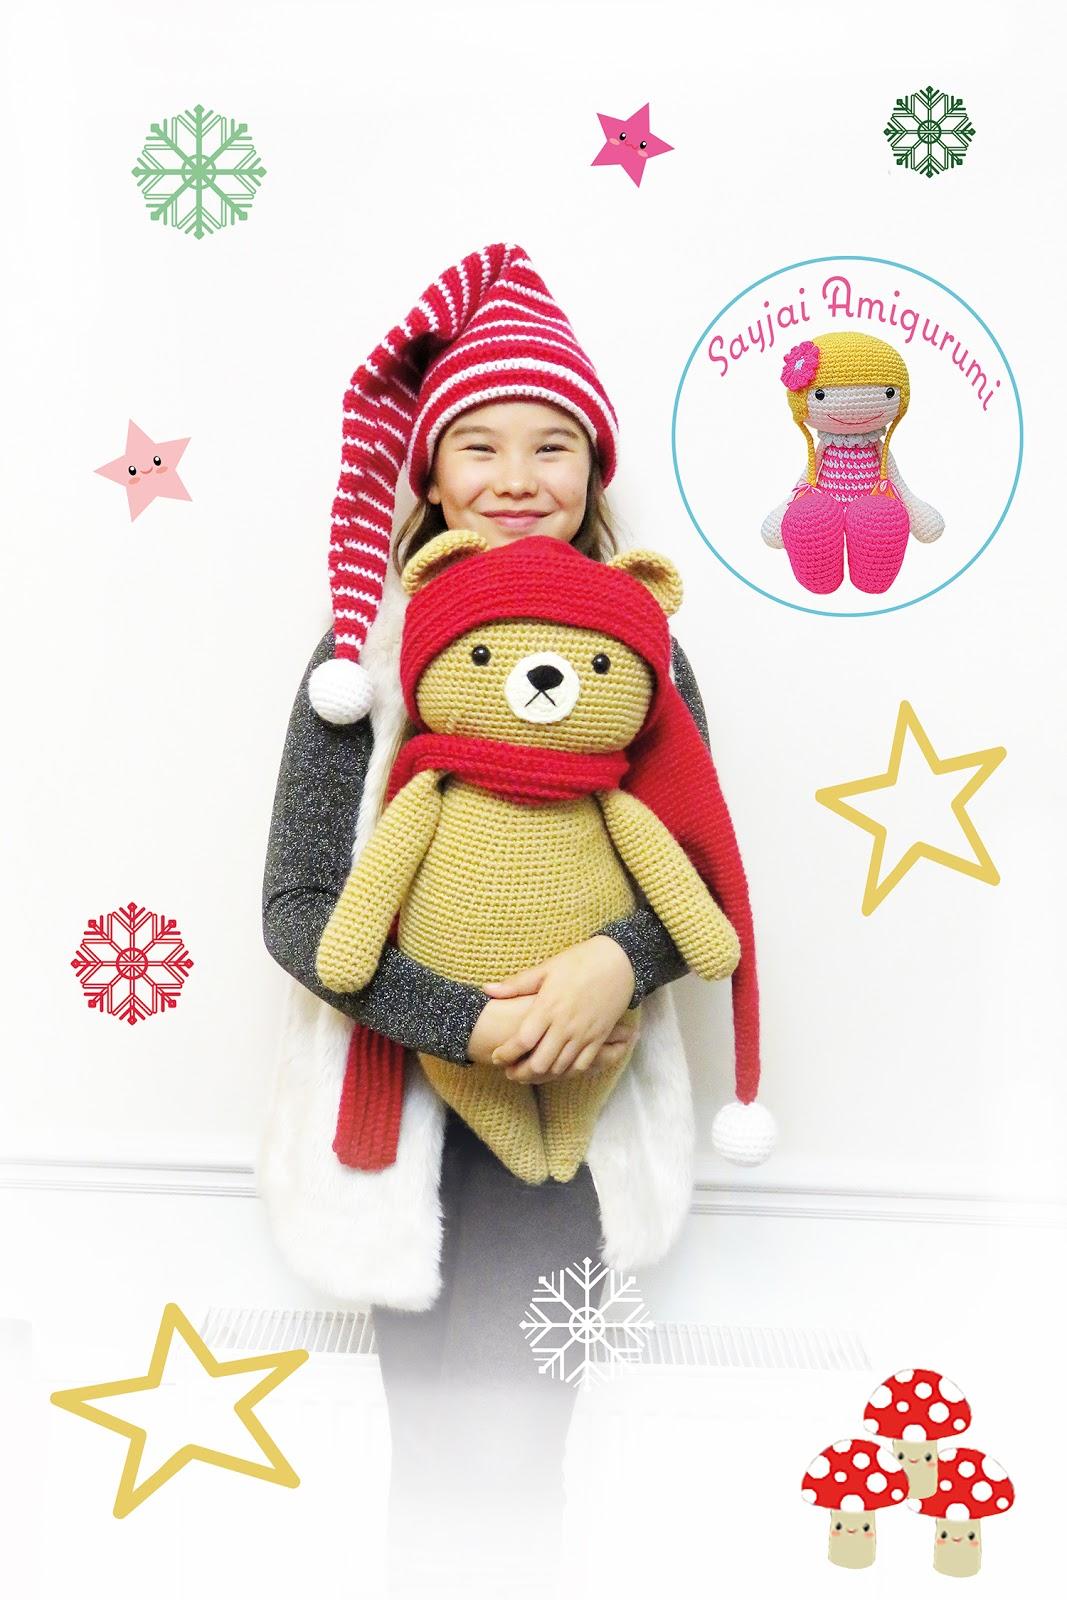 Best Amigurumi Bear Free Crochet Patterns - Amigurumi | 1600x1067